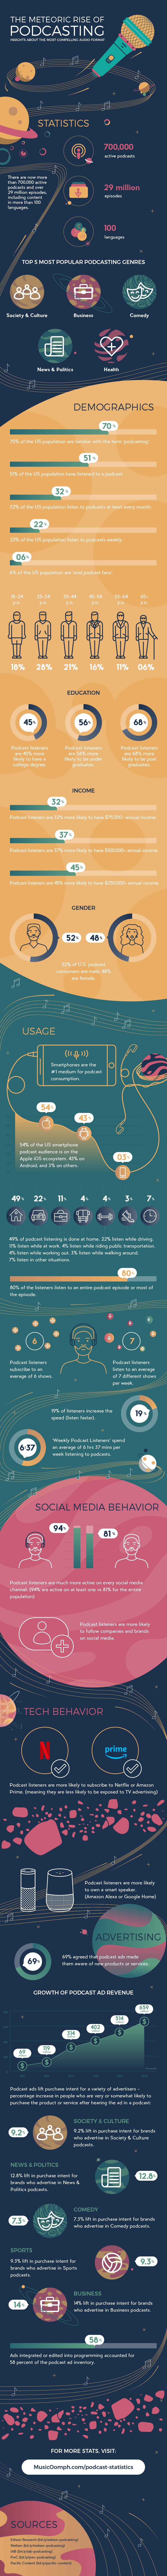 Podcasty - statystyka